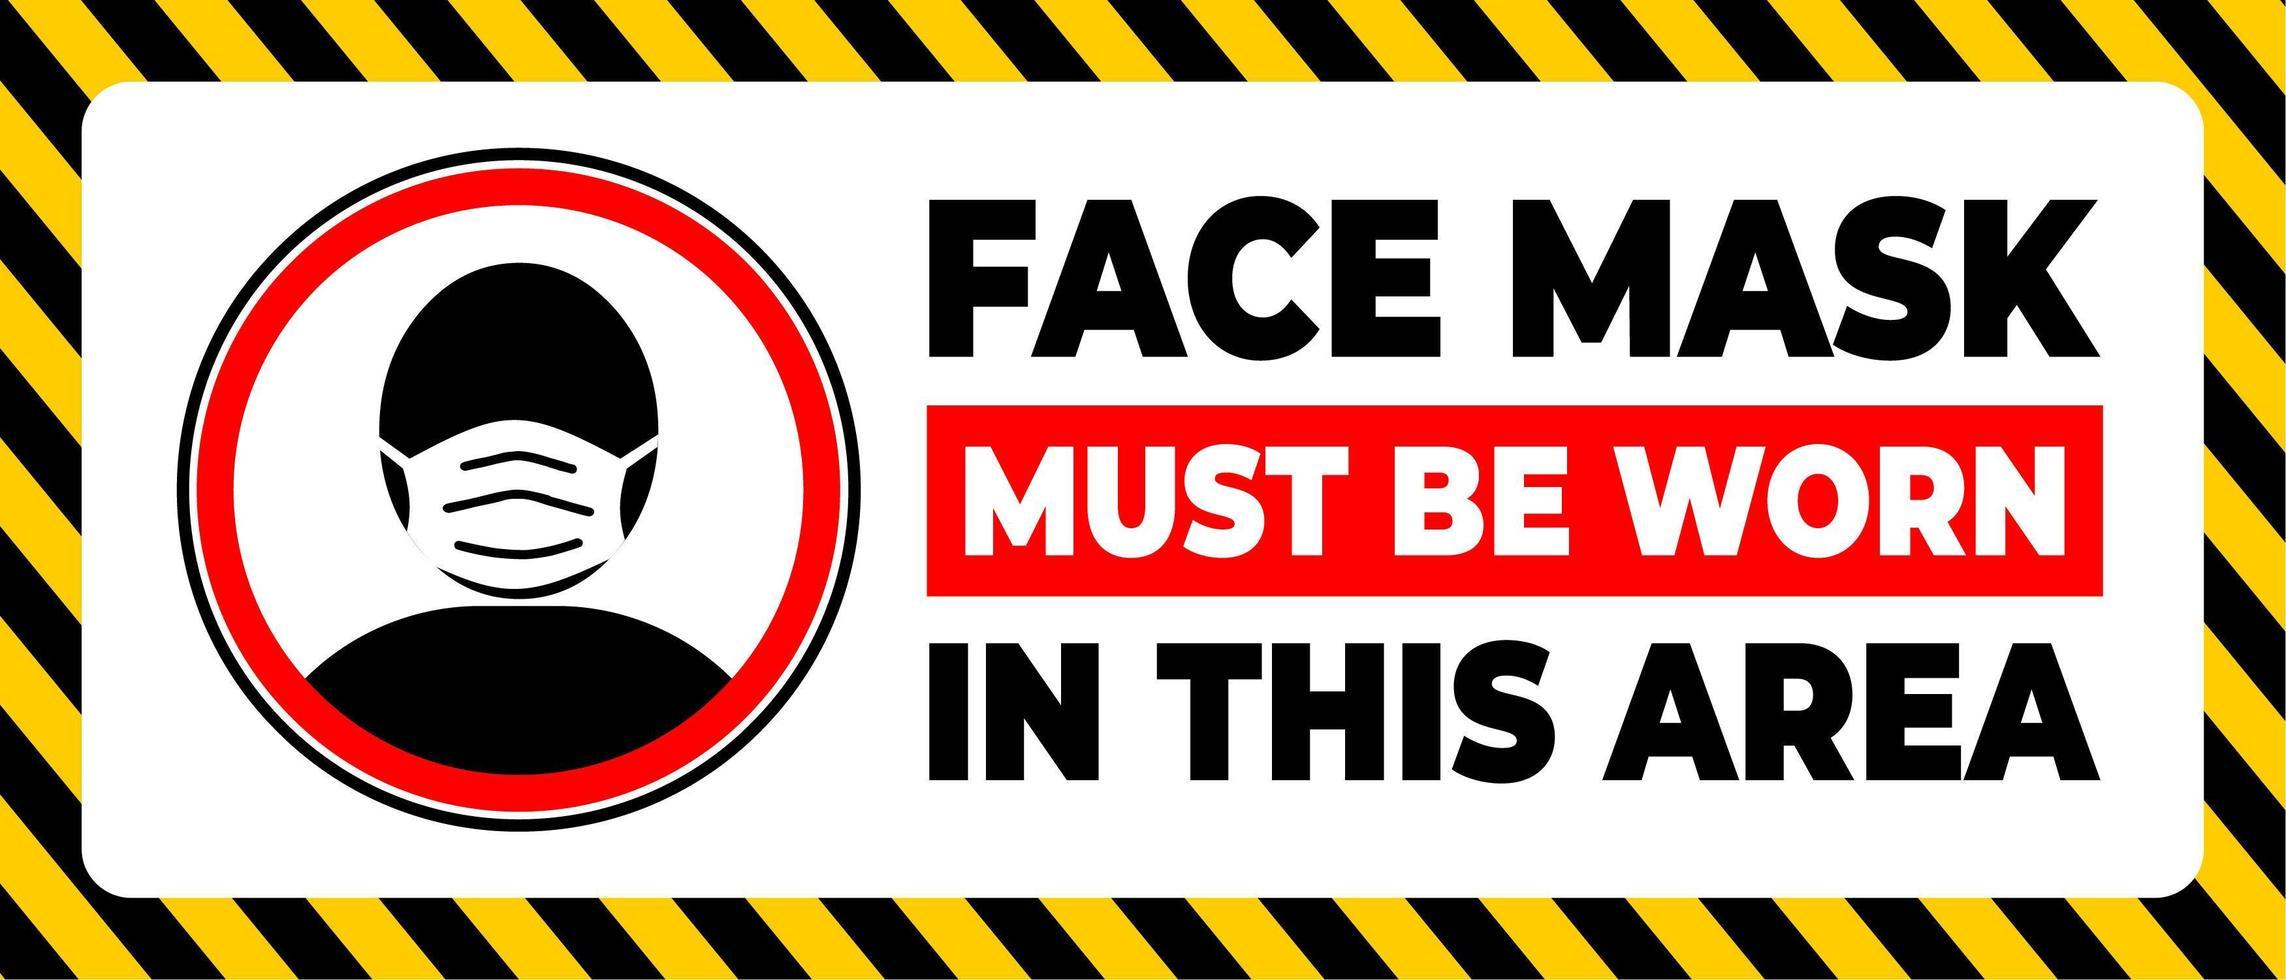 le masque facial doit être porté dans cette zone vecteur